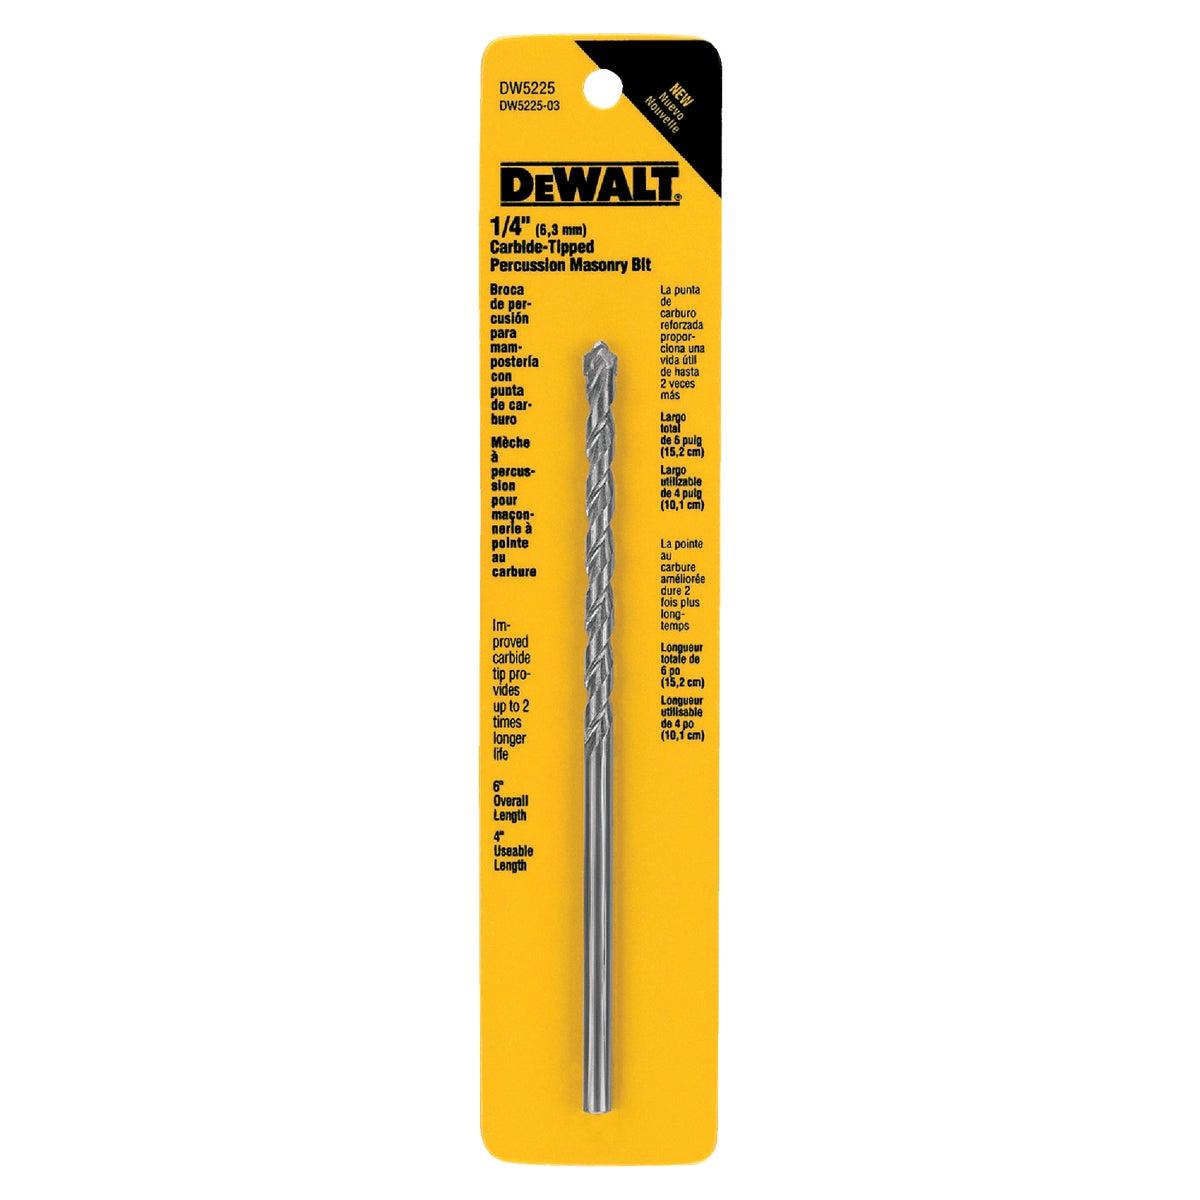 1/4X6 MASONRY DRILL BIT - DW5225 by DeWalt